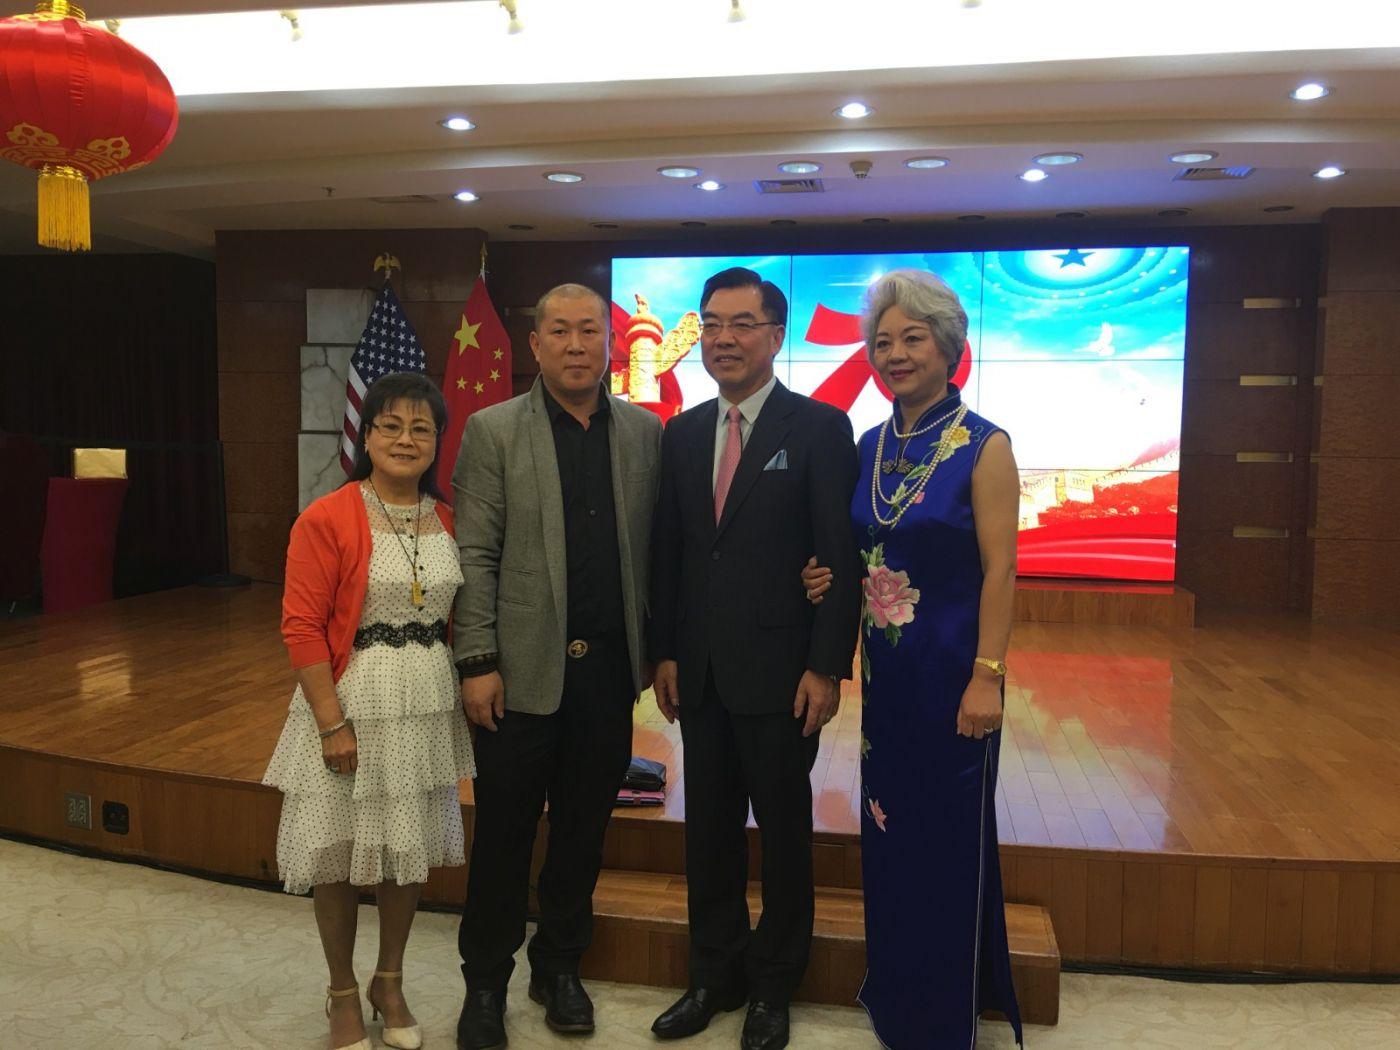 中国驻纽约总领事馆舉辦庆祝建国70周年招待會_图1-27